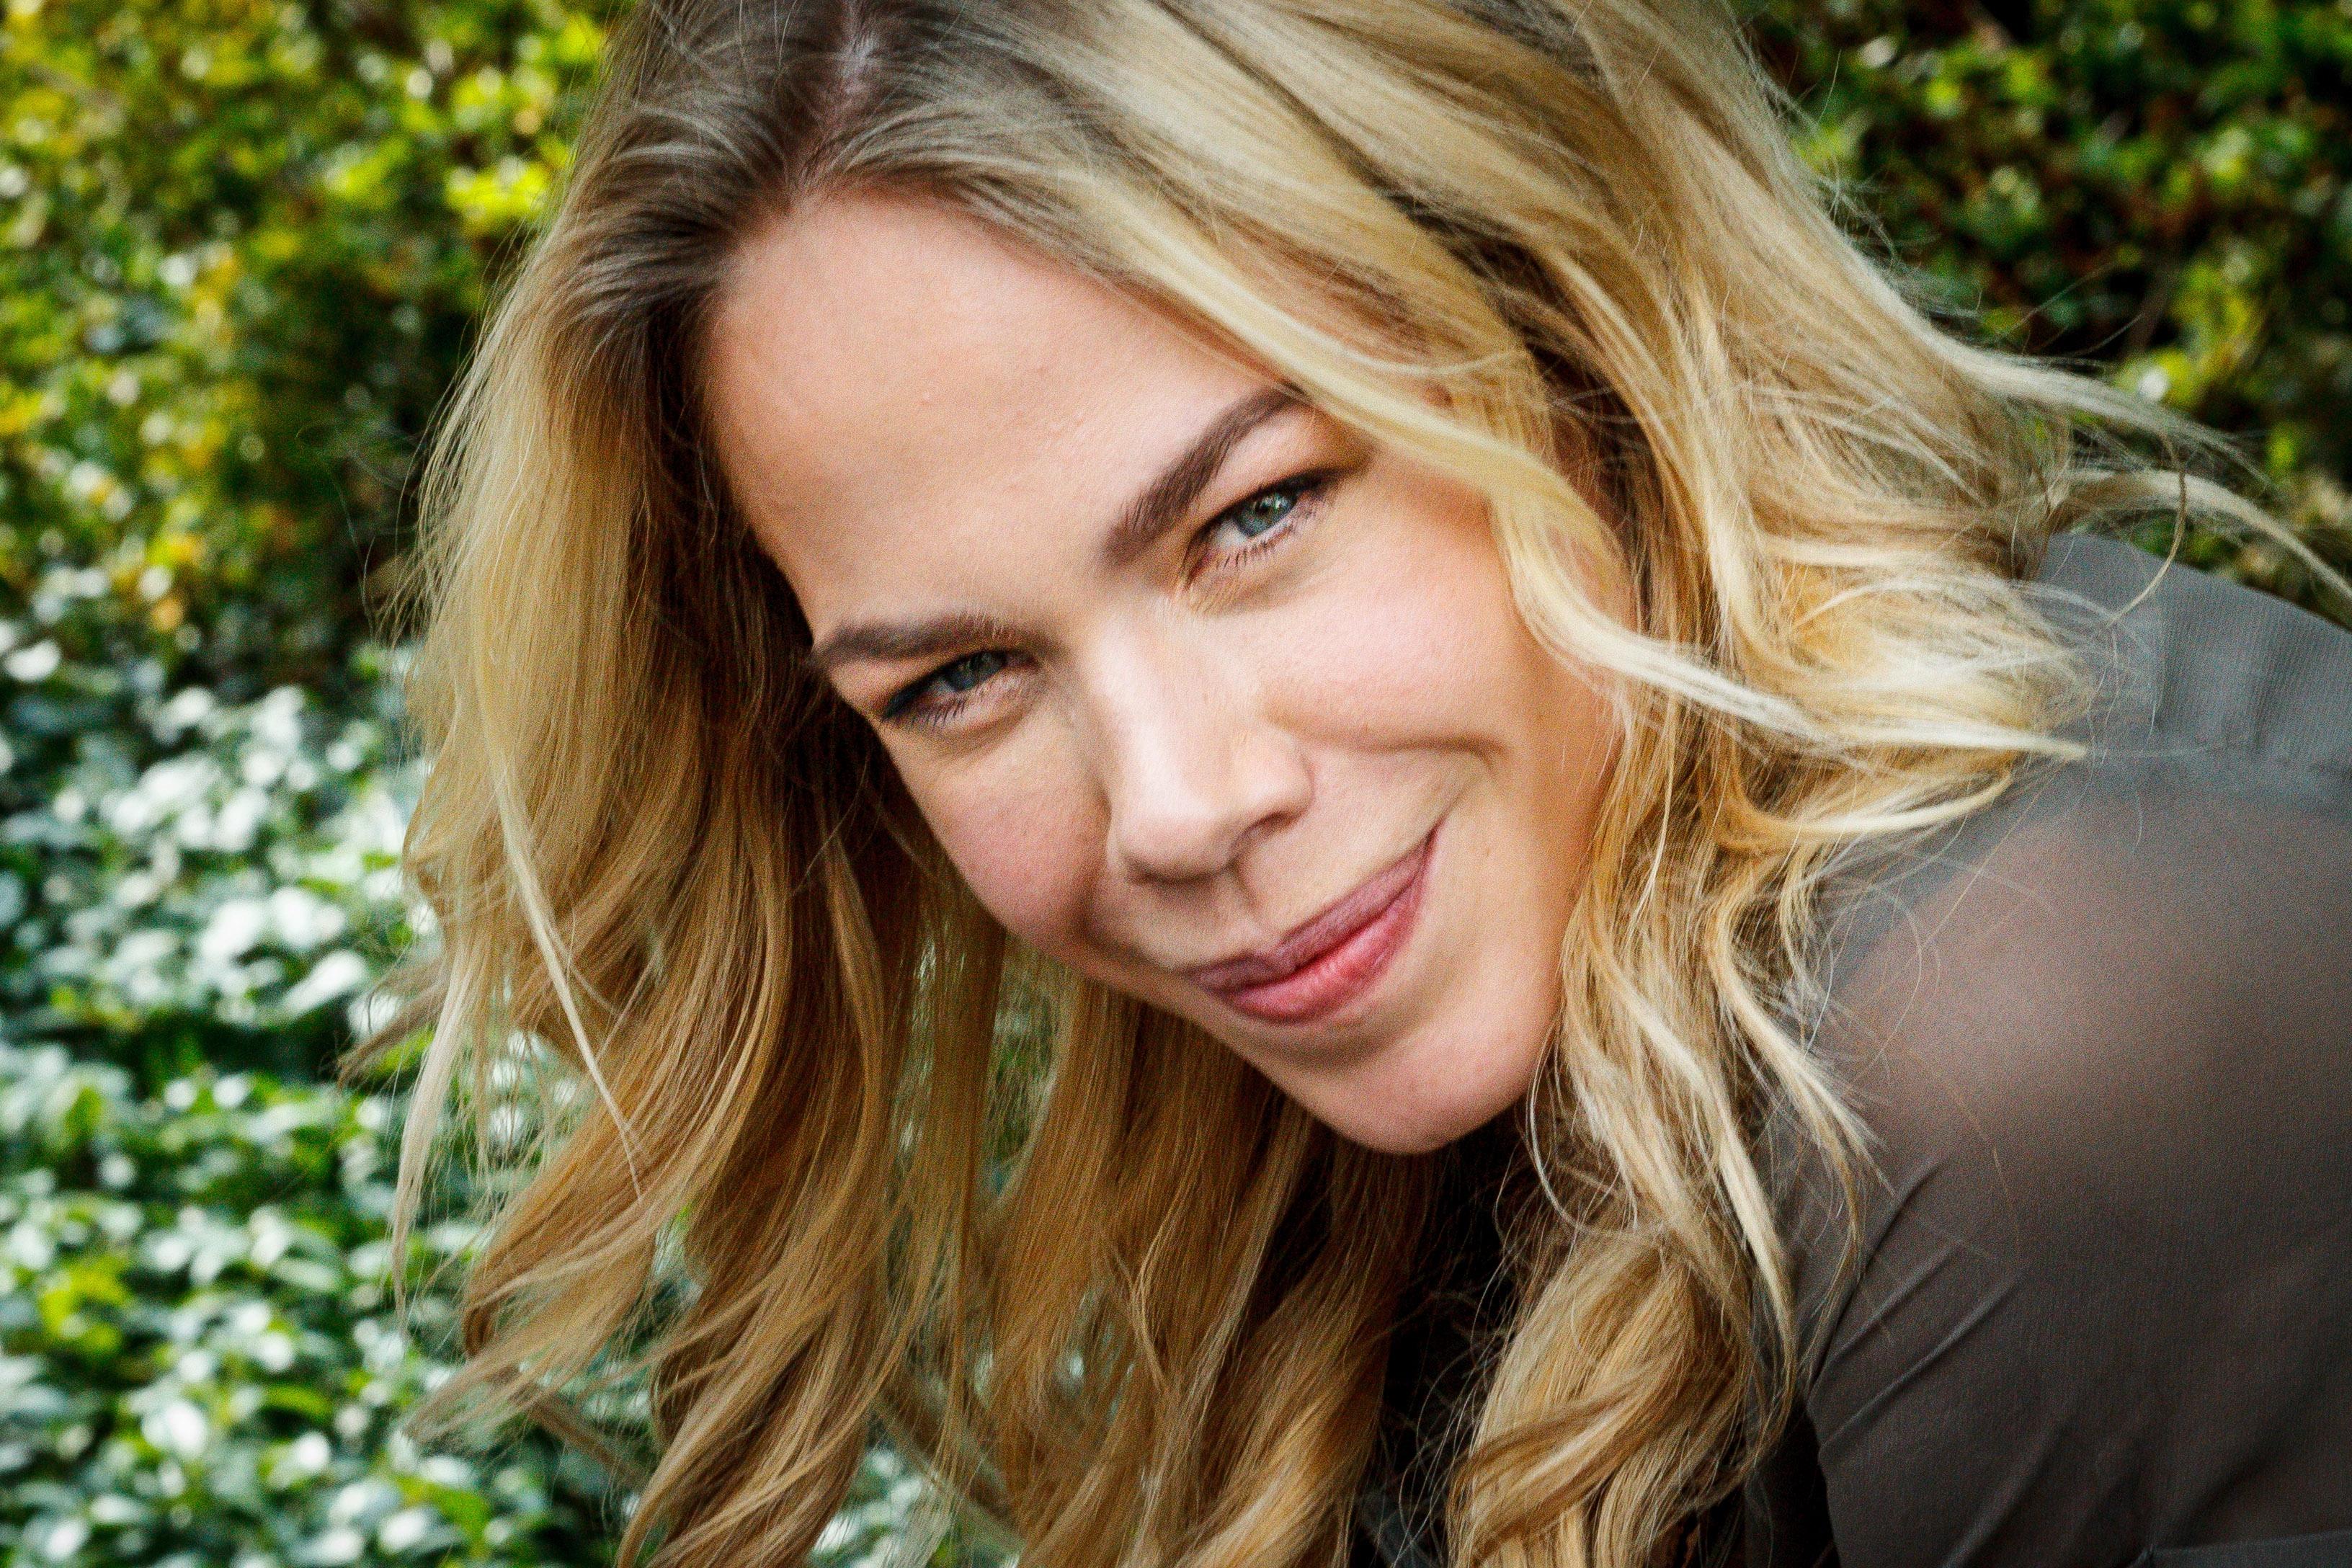 Verdrietig nieuws: Nicolette Kluijver heeft voorstadium van longkanker